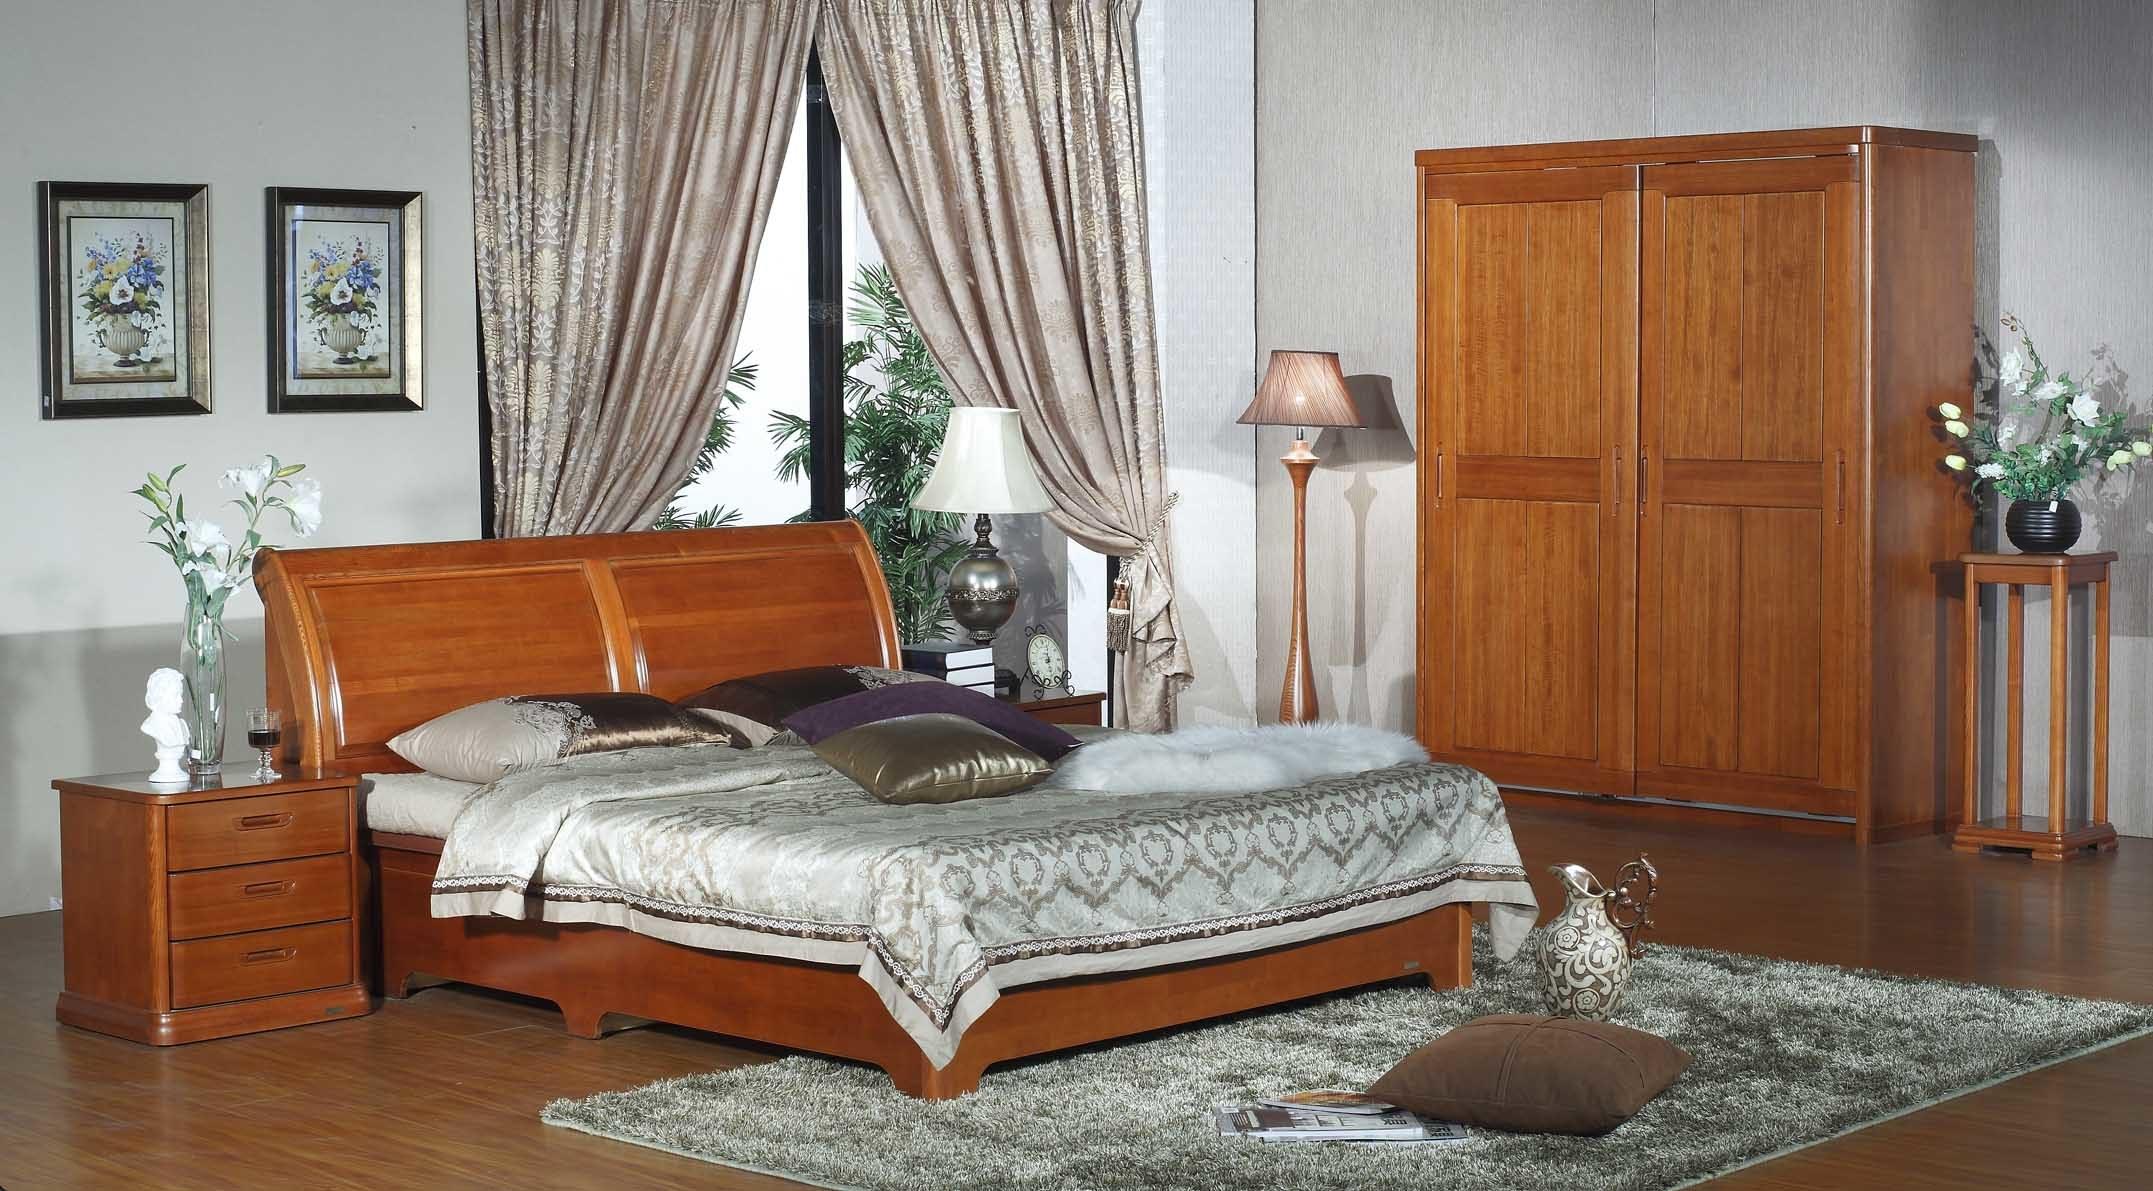 meubles de chambre coucher cart type meubles de chambre coucher cart type fournis par. Black Bedroom Furniture Sets. Home Design Ideas